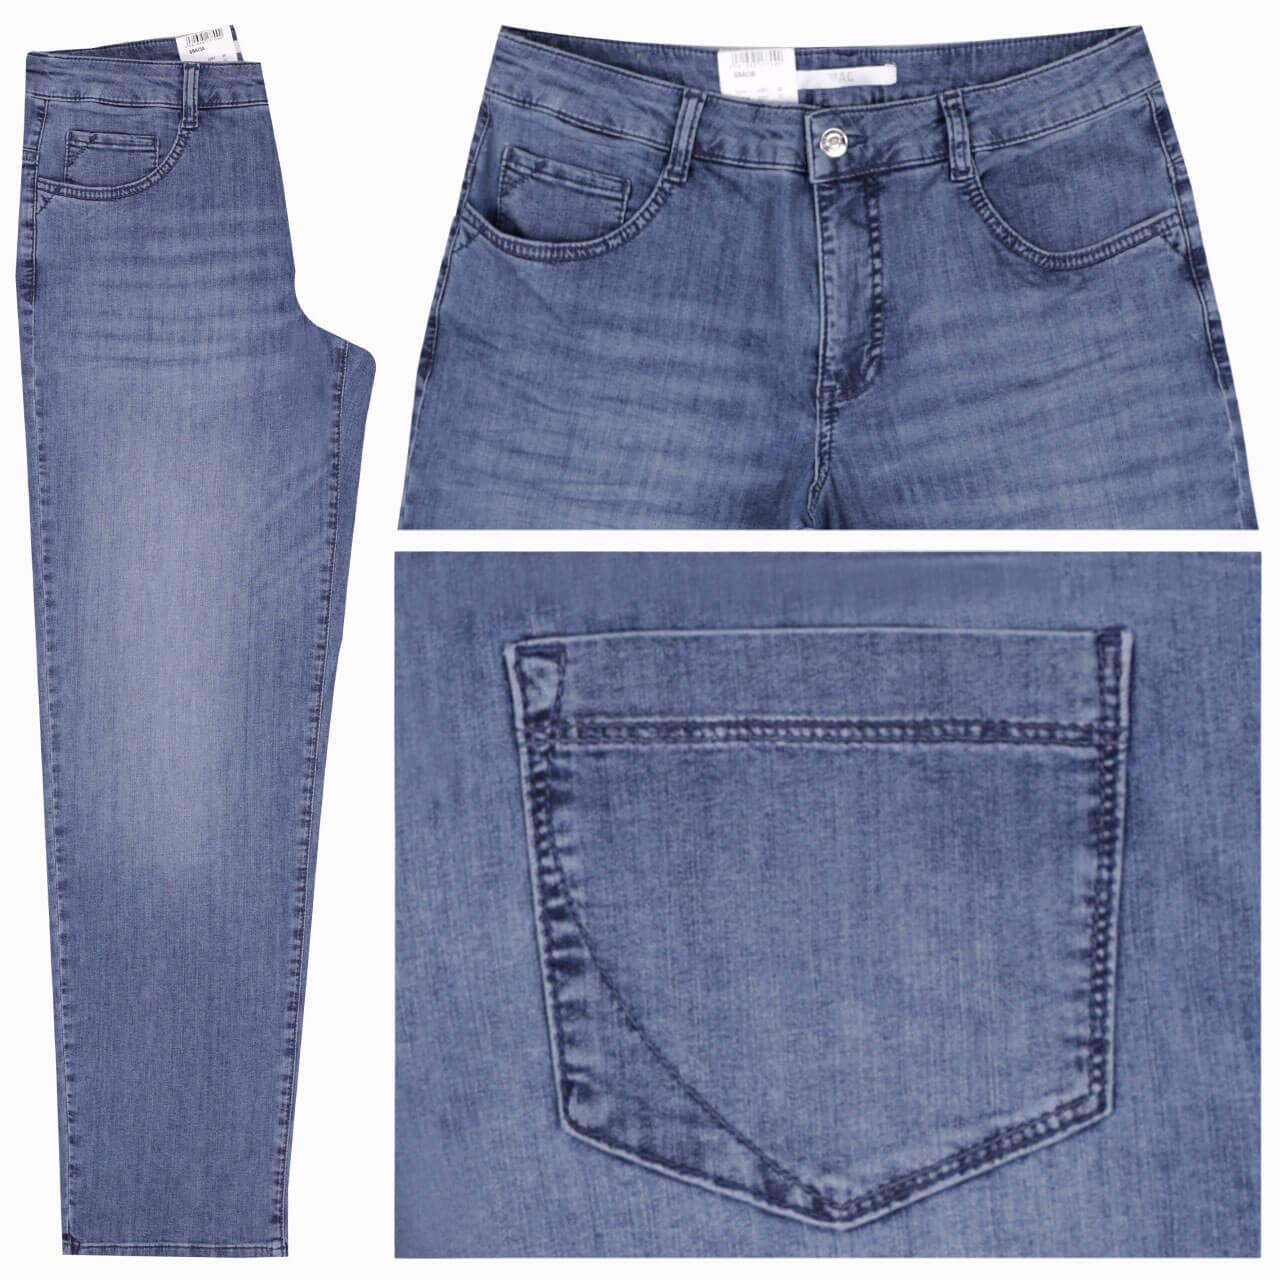 MAC Jeans Damen Hose Feminine Fit GRACIA grautöne